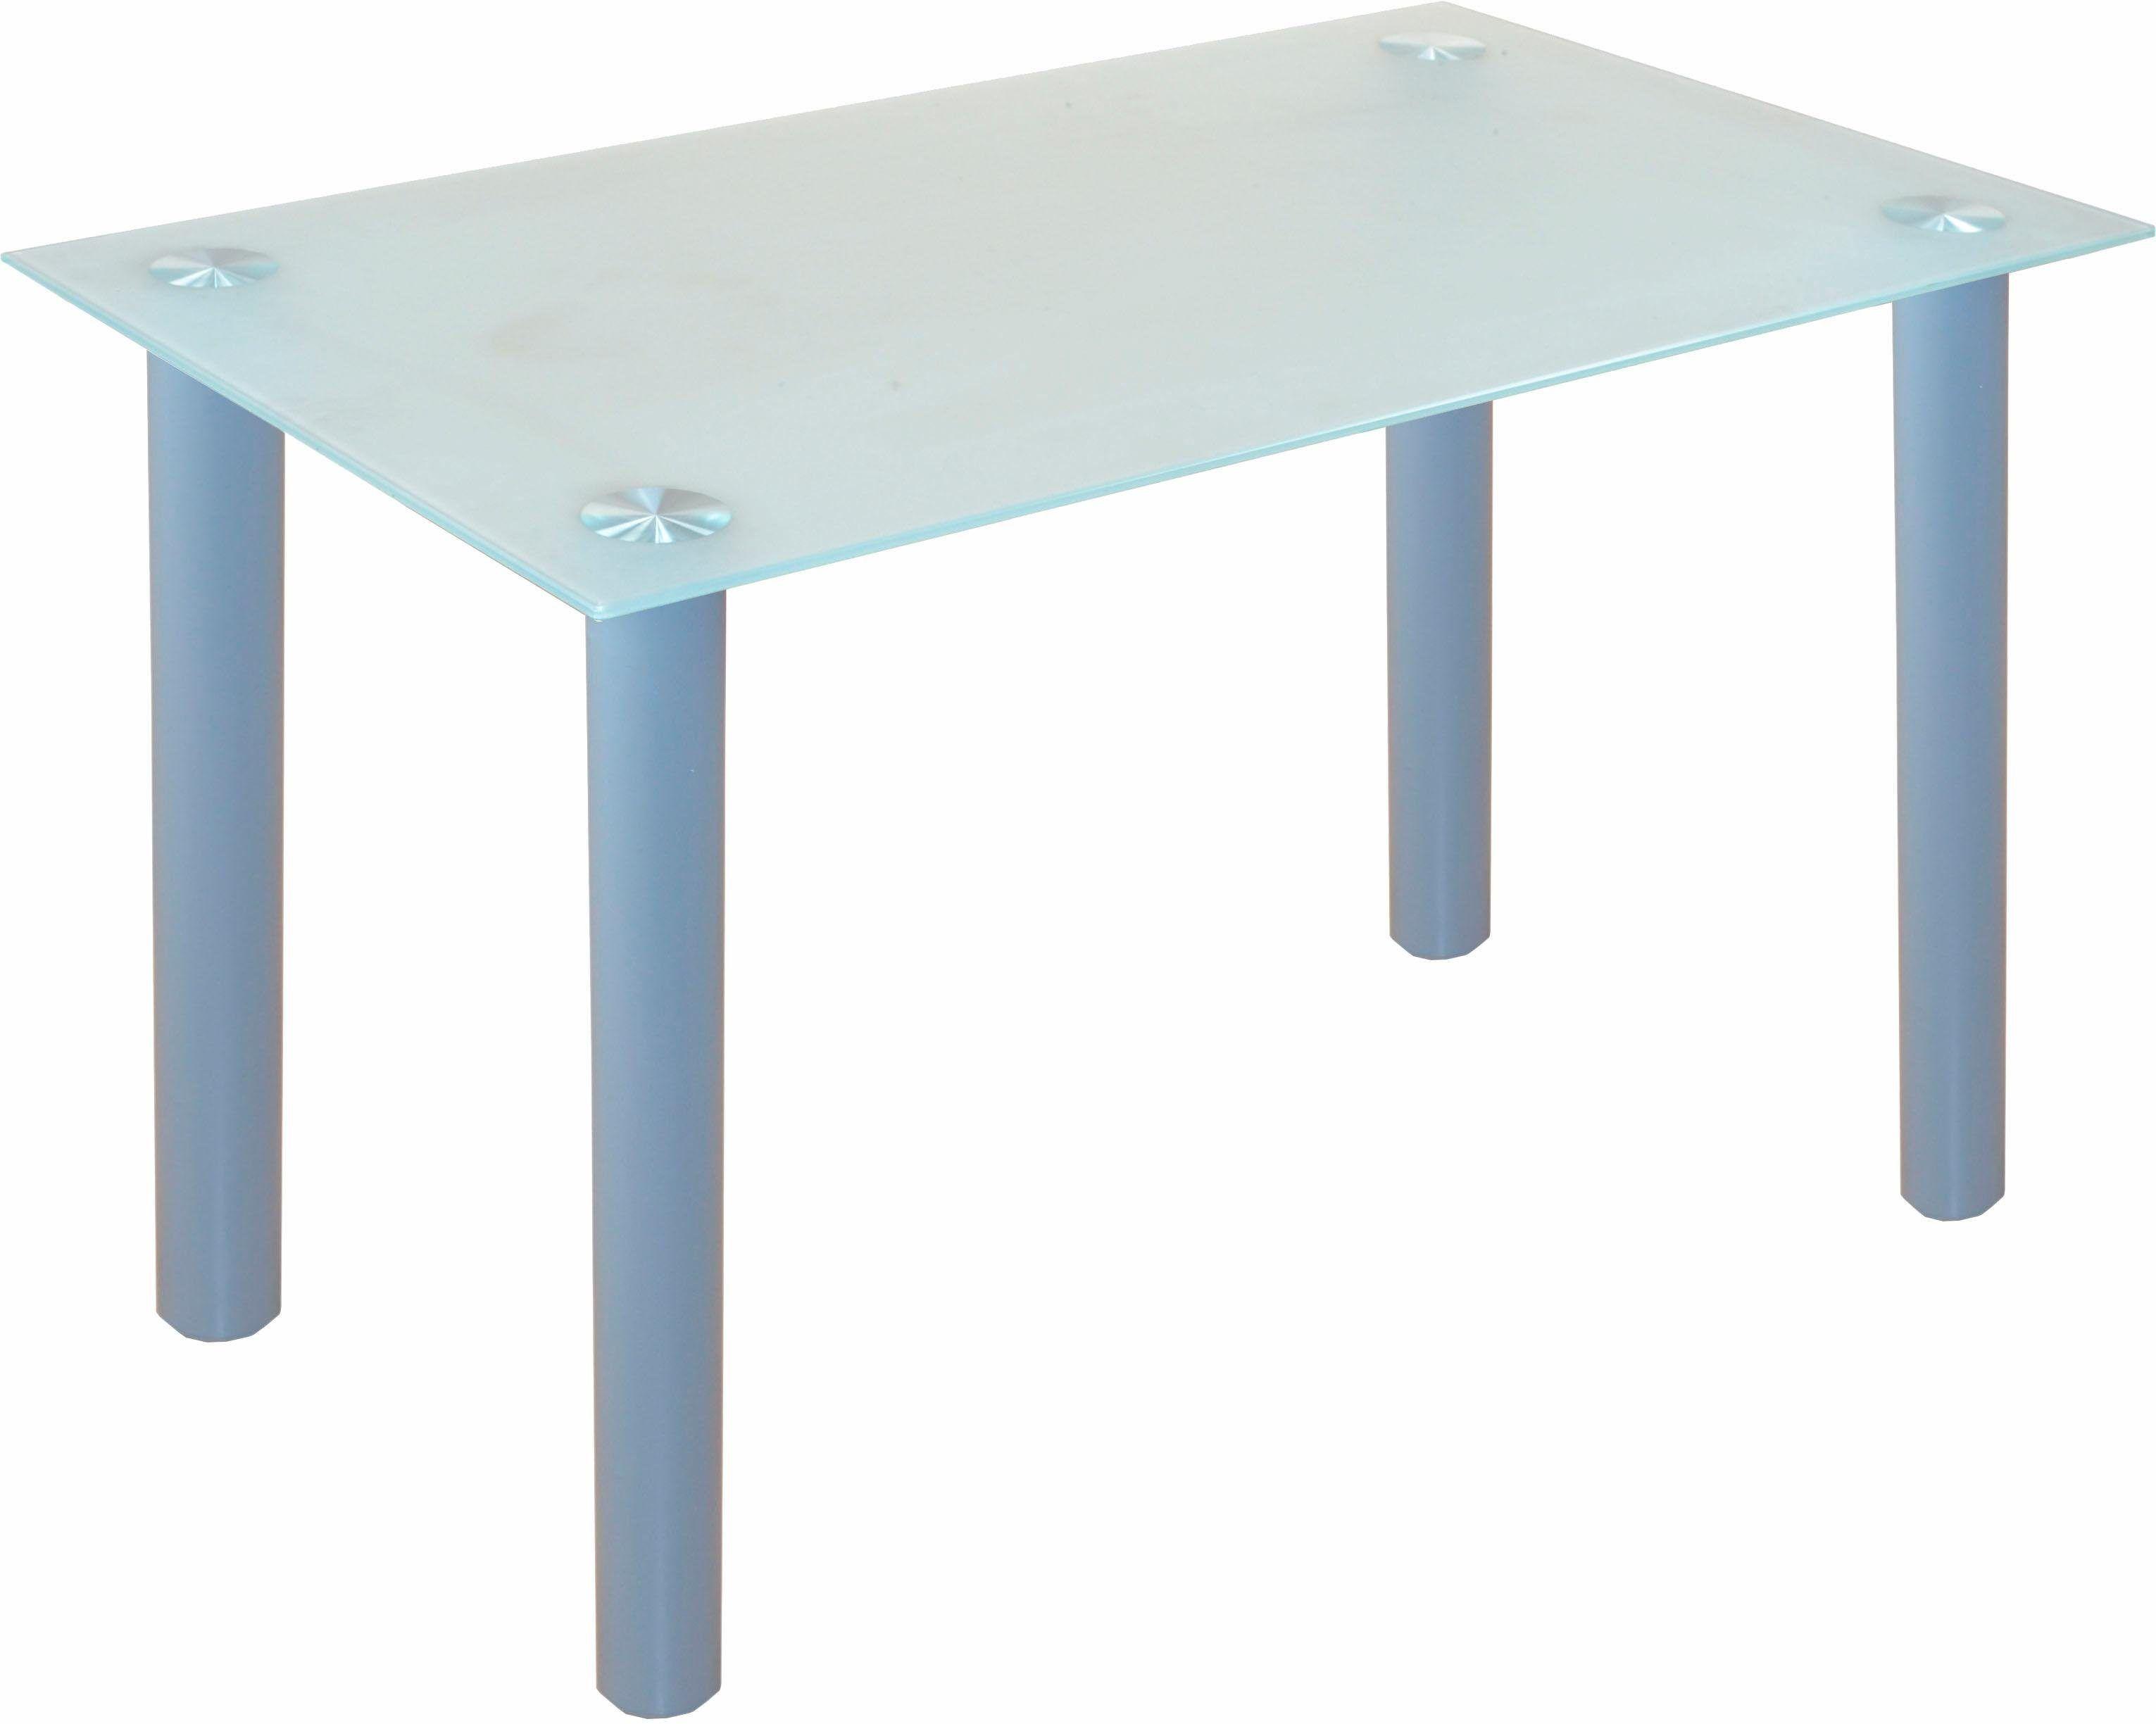 Glastisch Wohnzimmer ~ Glastisch grau pflegeleichte oberfläche yourhome jetzt bestellen